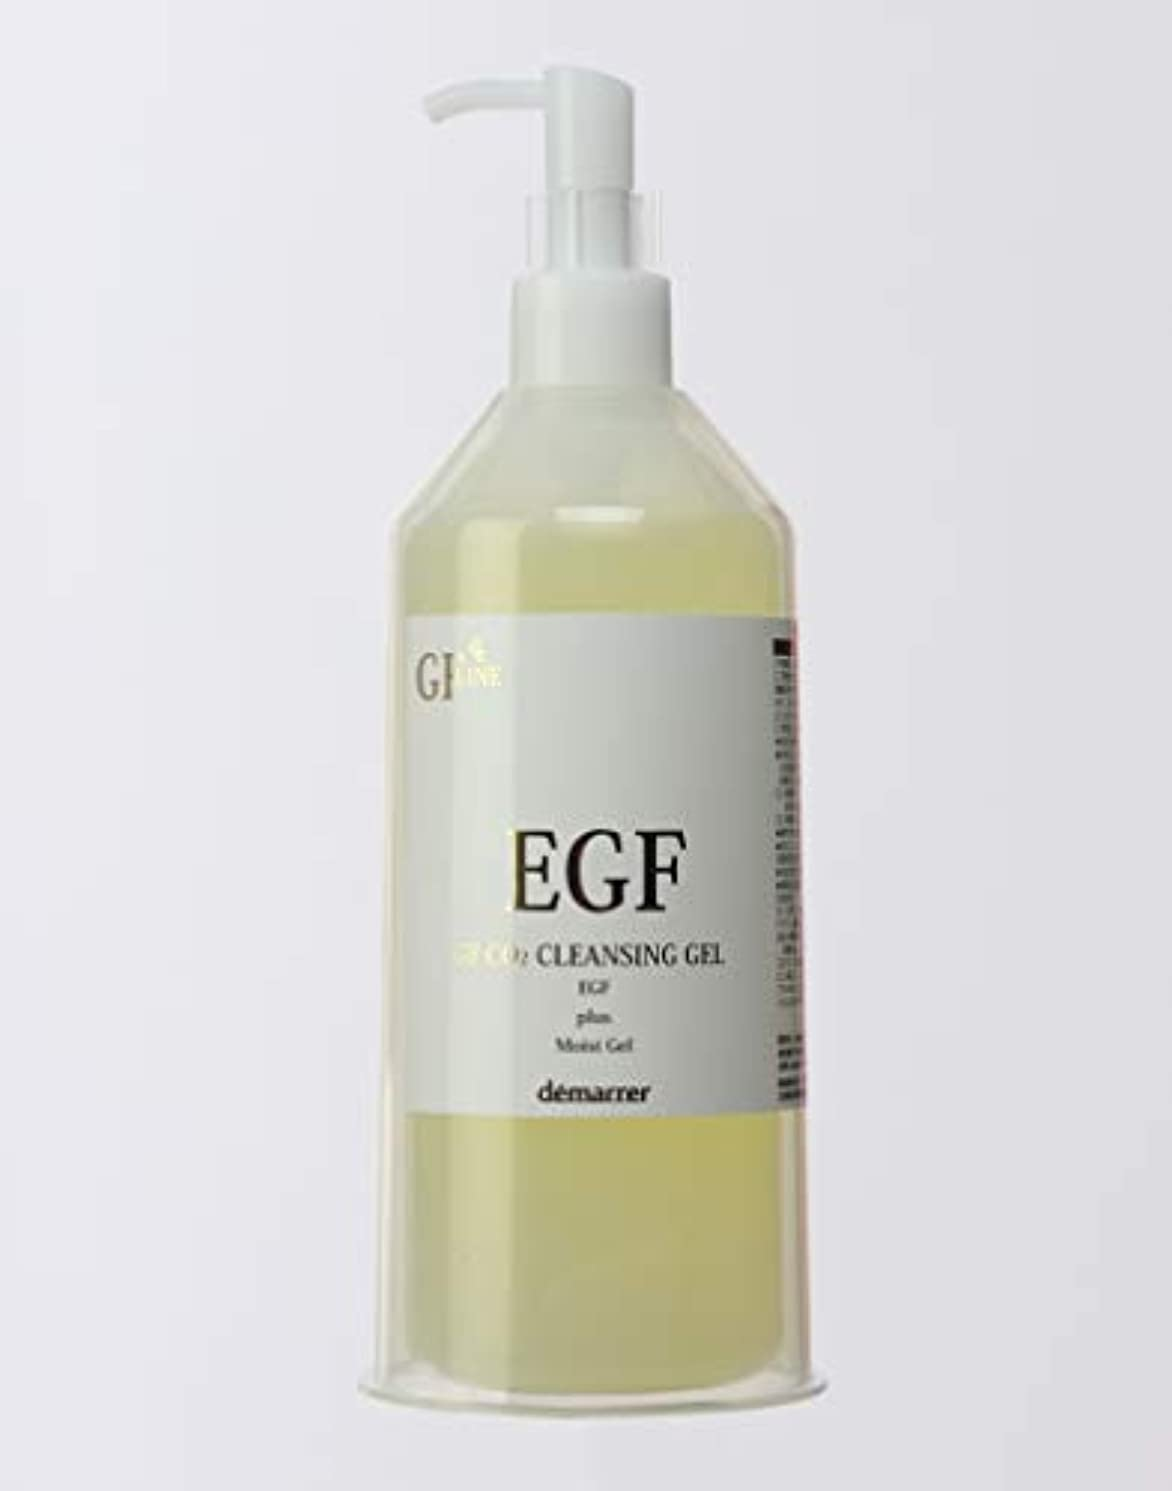 バッジ活力道徳教育デマレ GF 炭酸洗顔クレンジング  400g  ジェルタイプのクレンジング